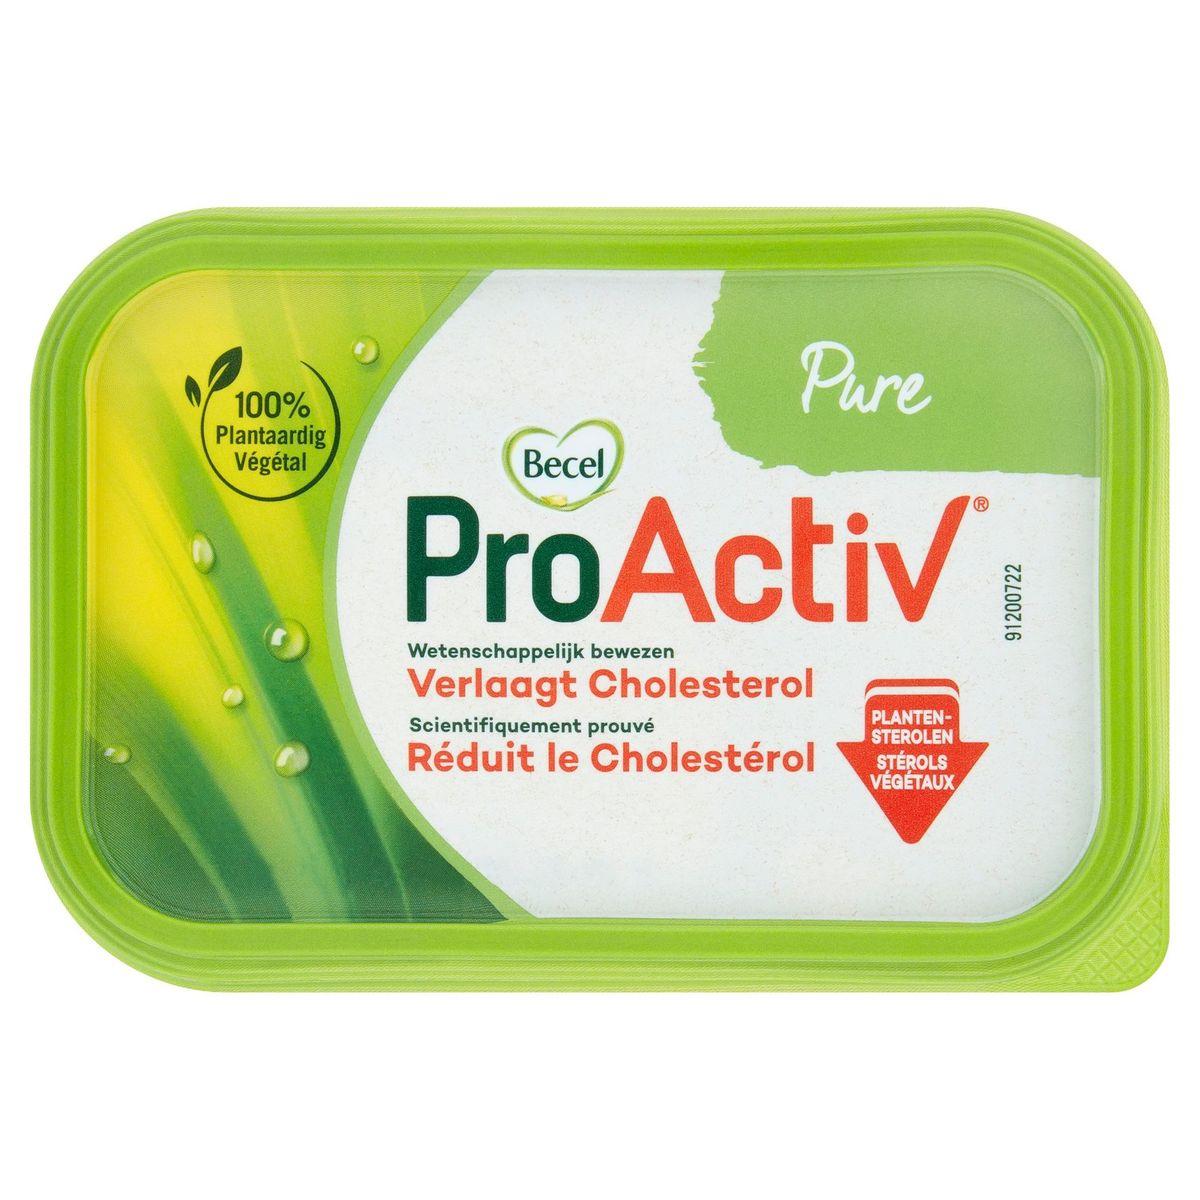 ProActiv | Réduit le cholestérol | Pure | 250g